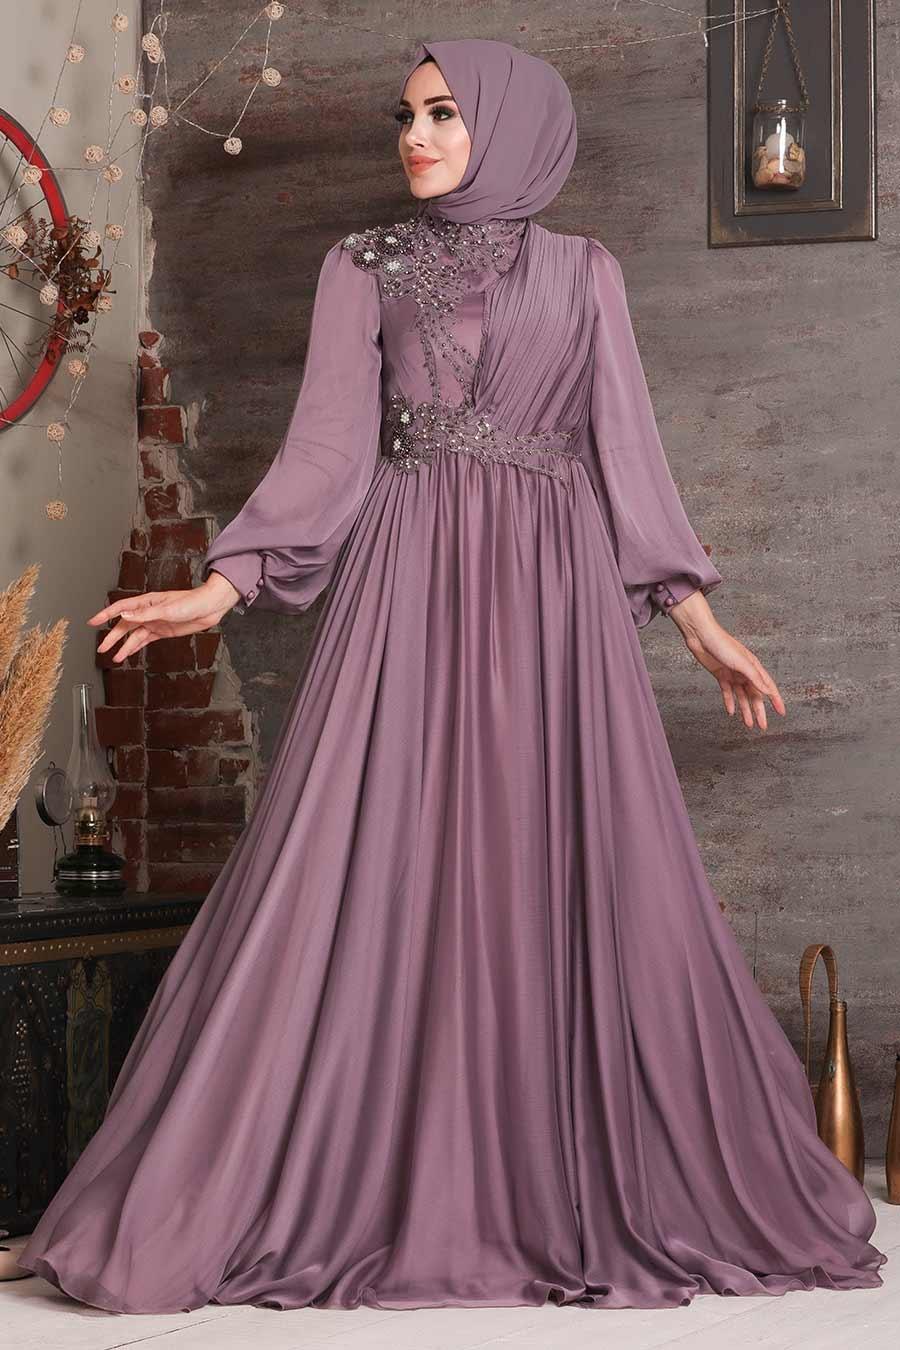 Tesettürlü Abiye Elbise - Boncuk Detaylı Lila Tesettür Abiye Elbise 21650LILA